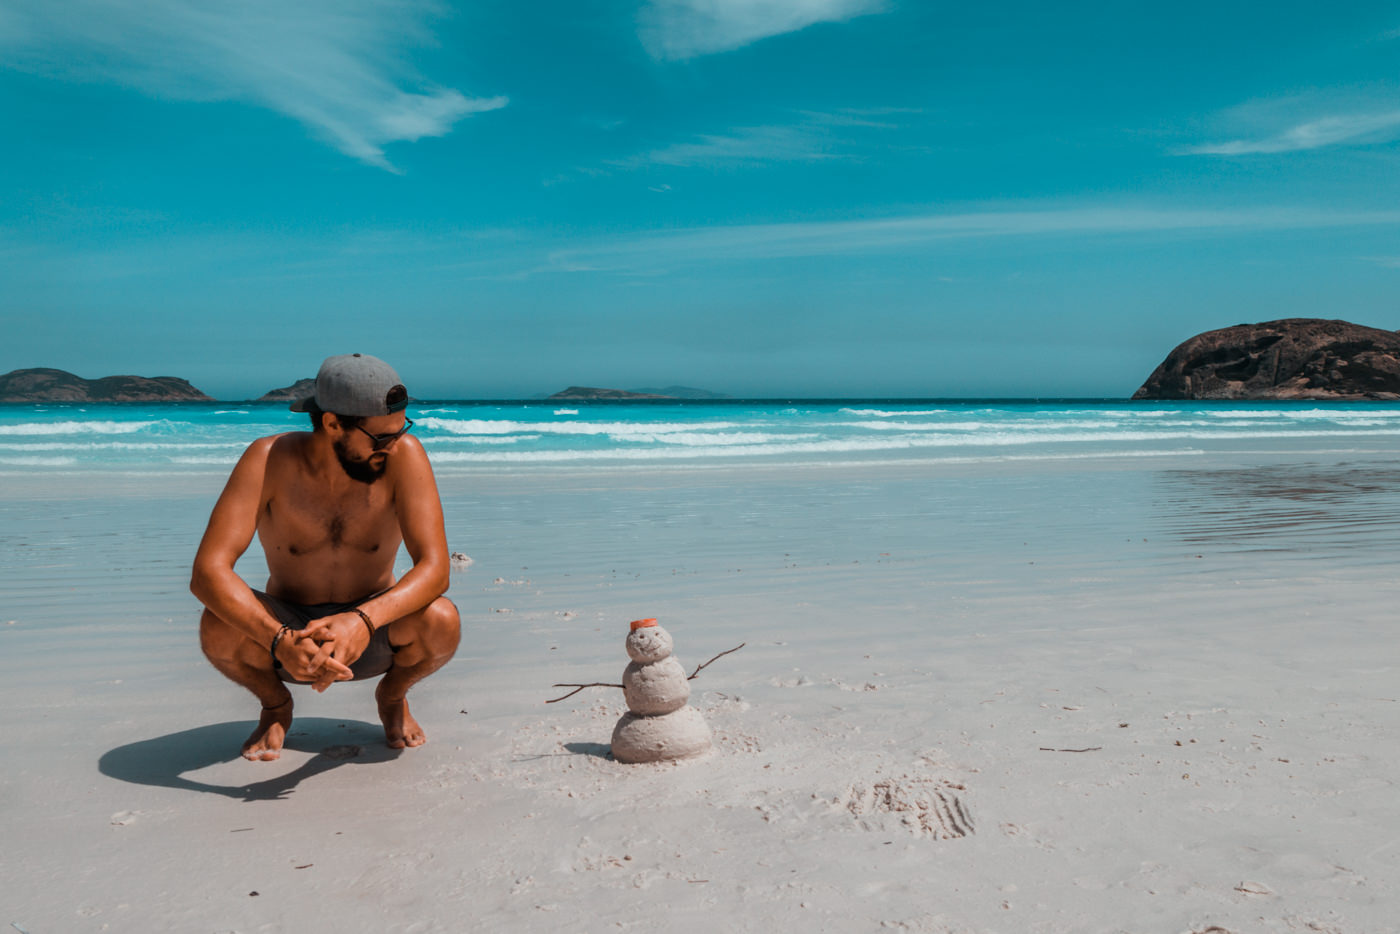 Matthias mit einem Schneemann am Strand in Westaustralien